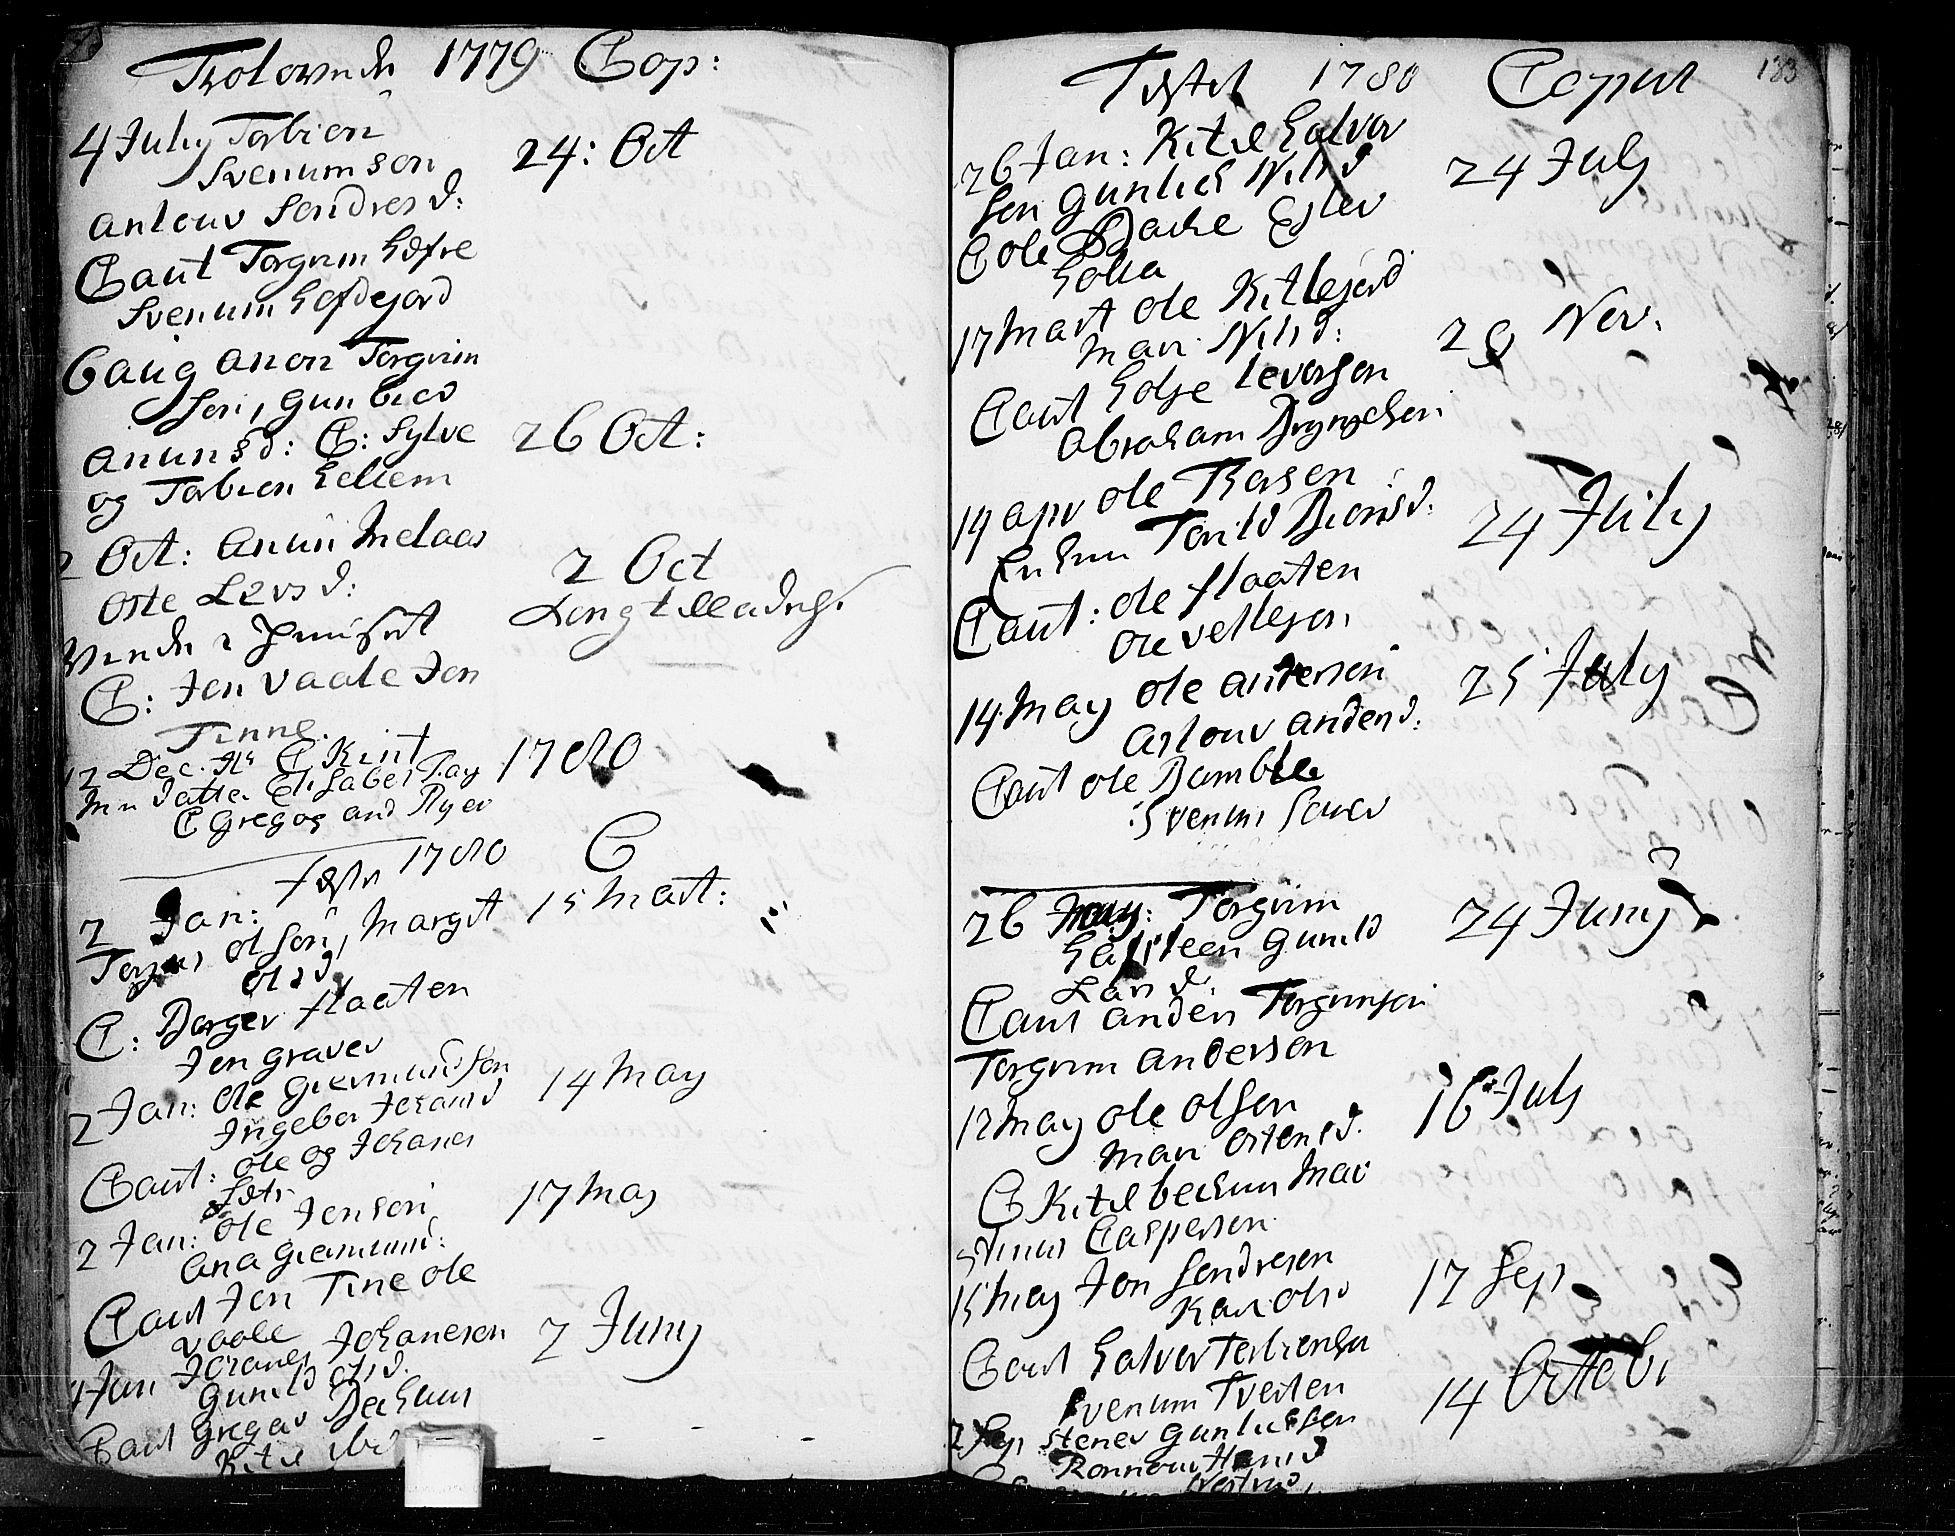 SAKO, Heddal kirkebøker, F/Fa/L0003: Ministerialbok nr. I 3, 1723-1783, s. 133